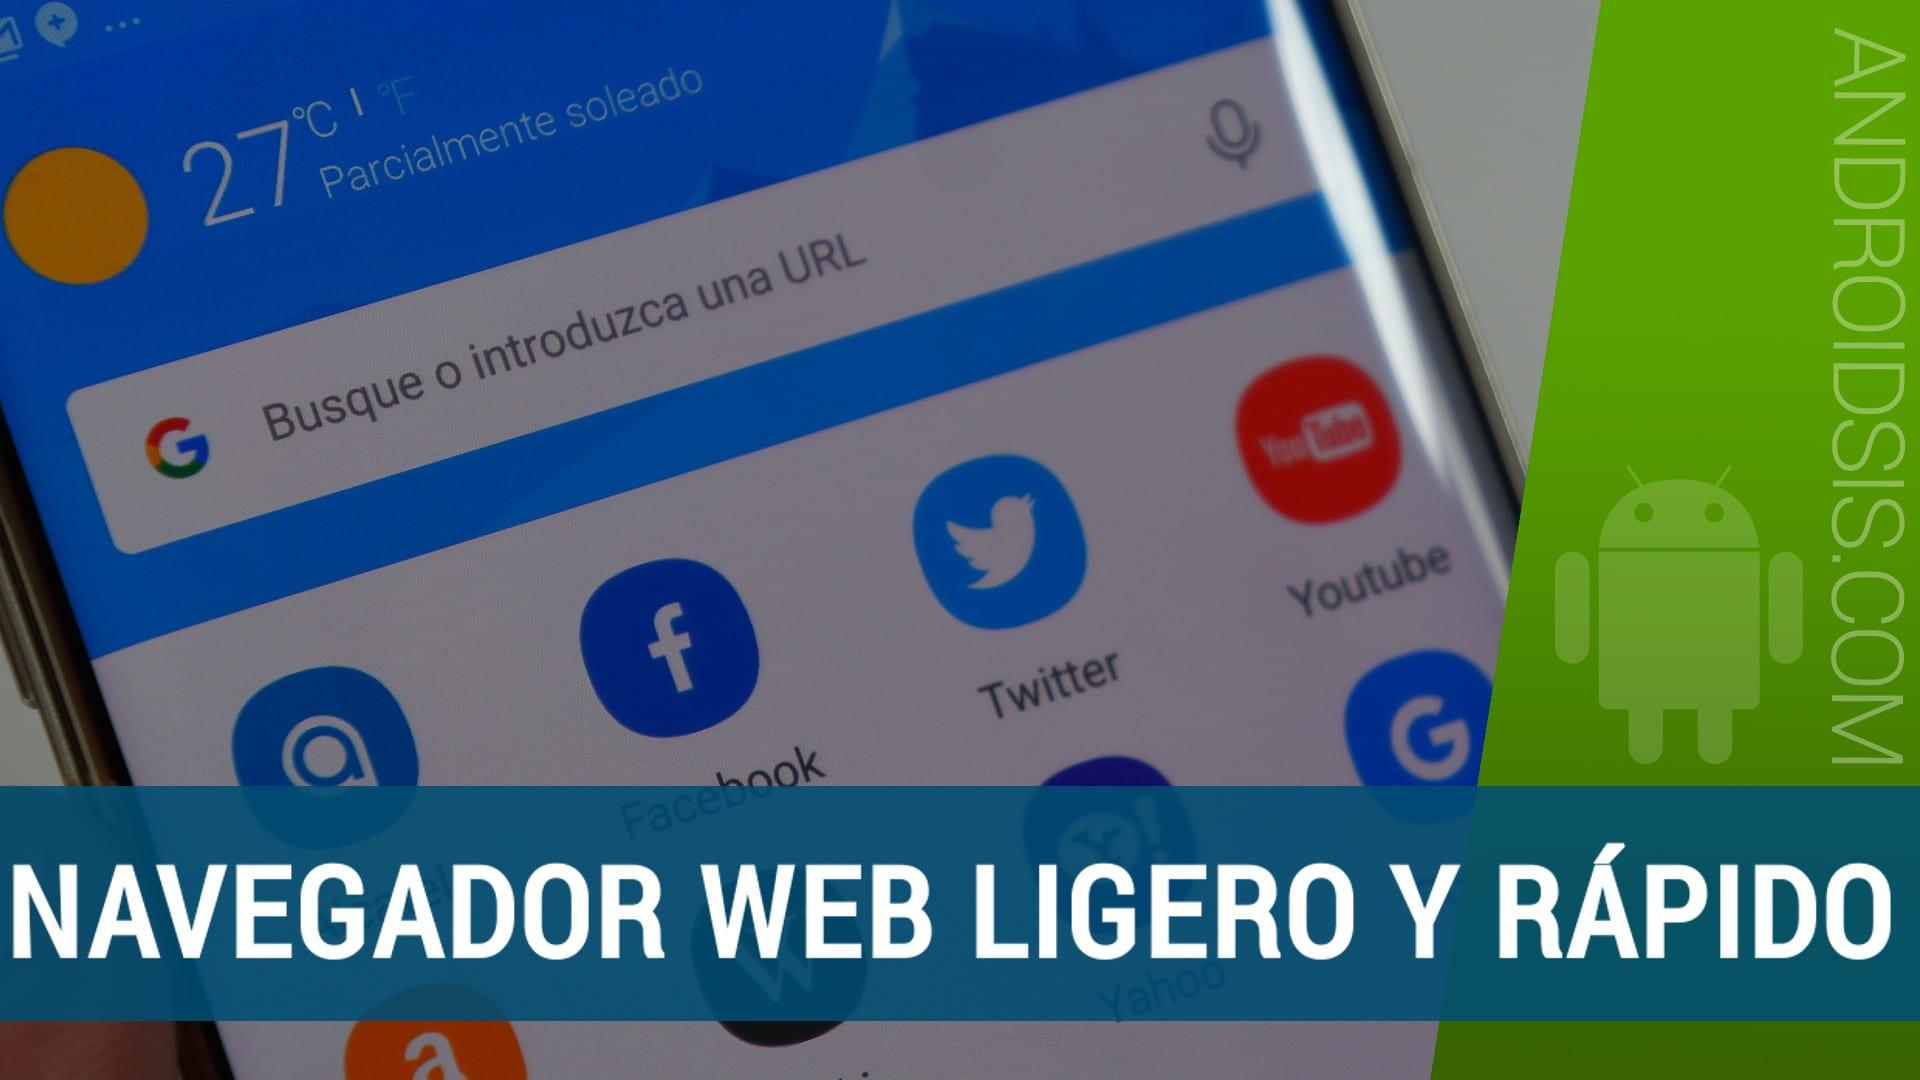 Un navegador web para Android ligero, rápido y funcional